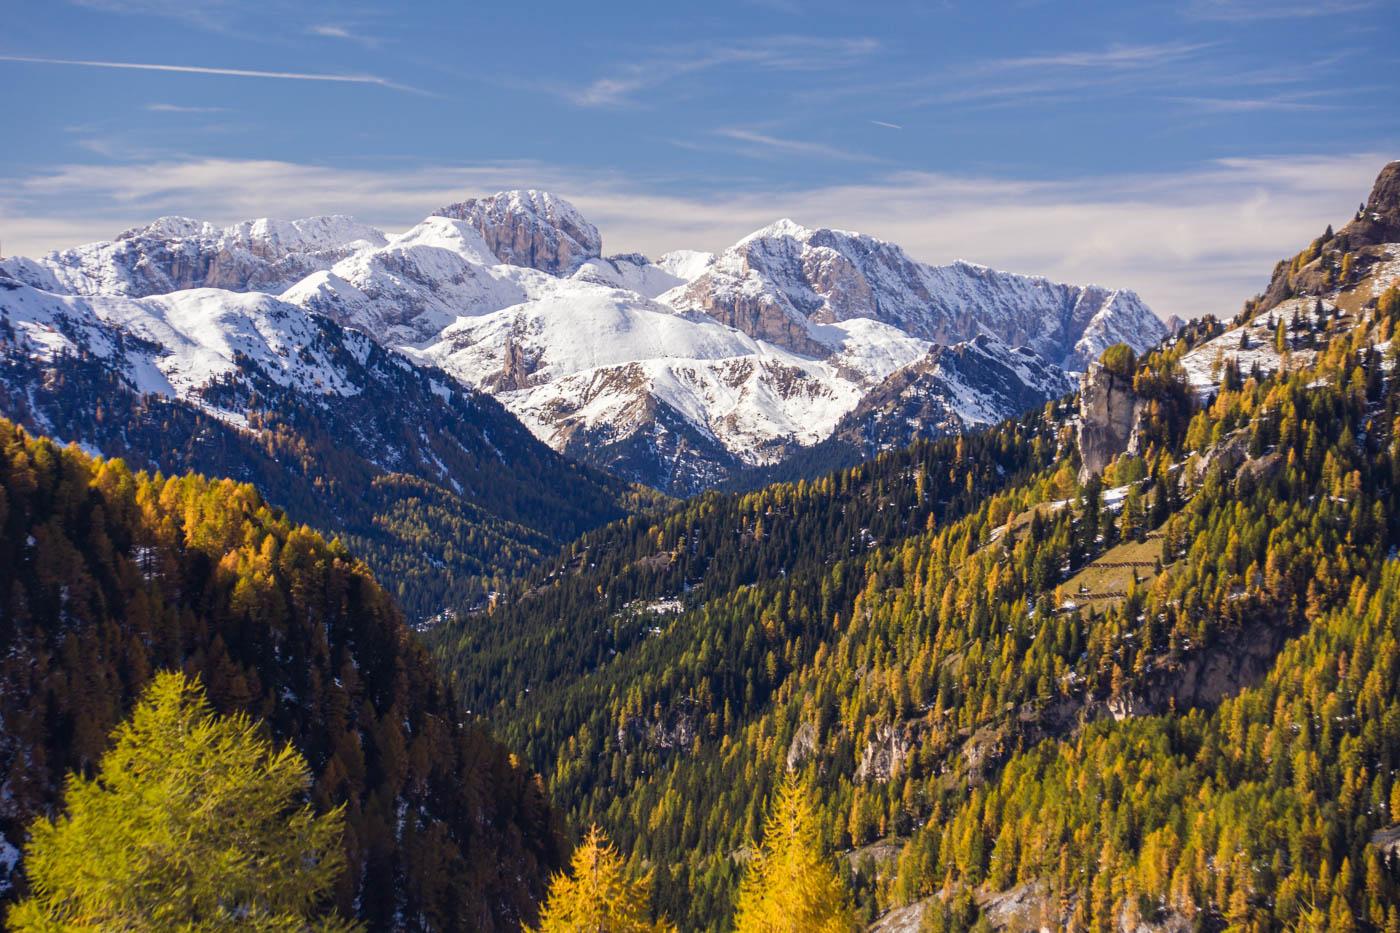 Dolomites: Passo Fedaia